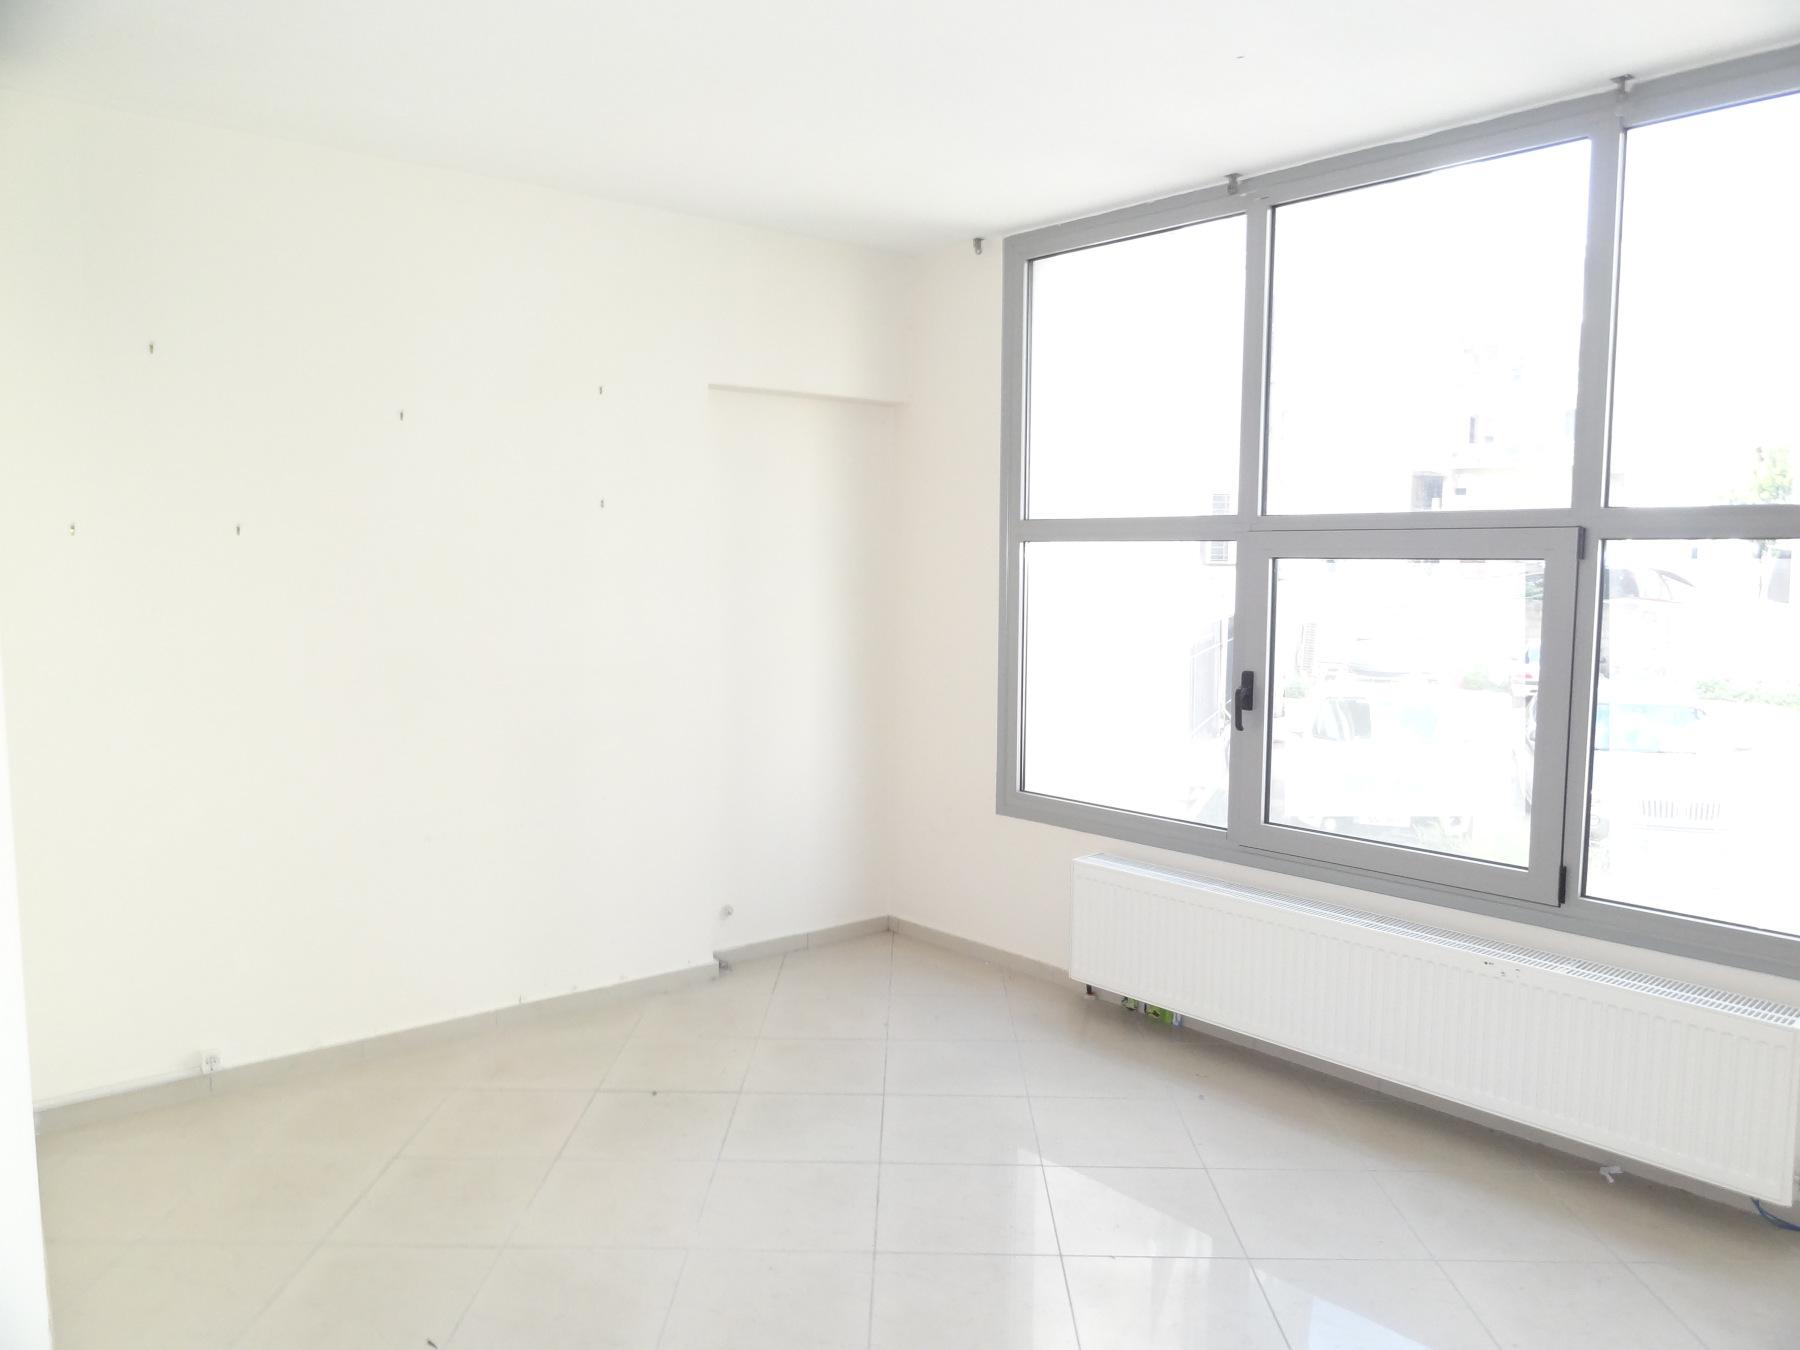 Ενοικιάζεται επαγγελματικός χώρος γραφείο 35 τ.μ. 1ου ορόφου σε κεντρικό σημείο των Ιωαννίνων